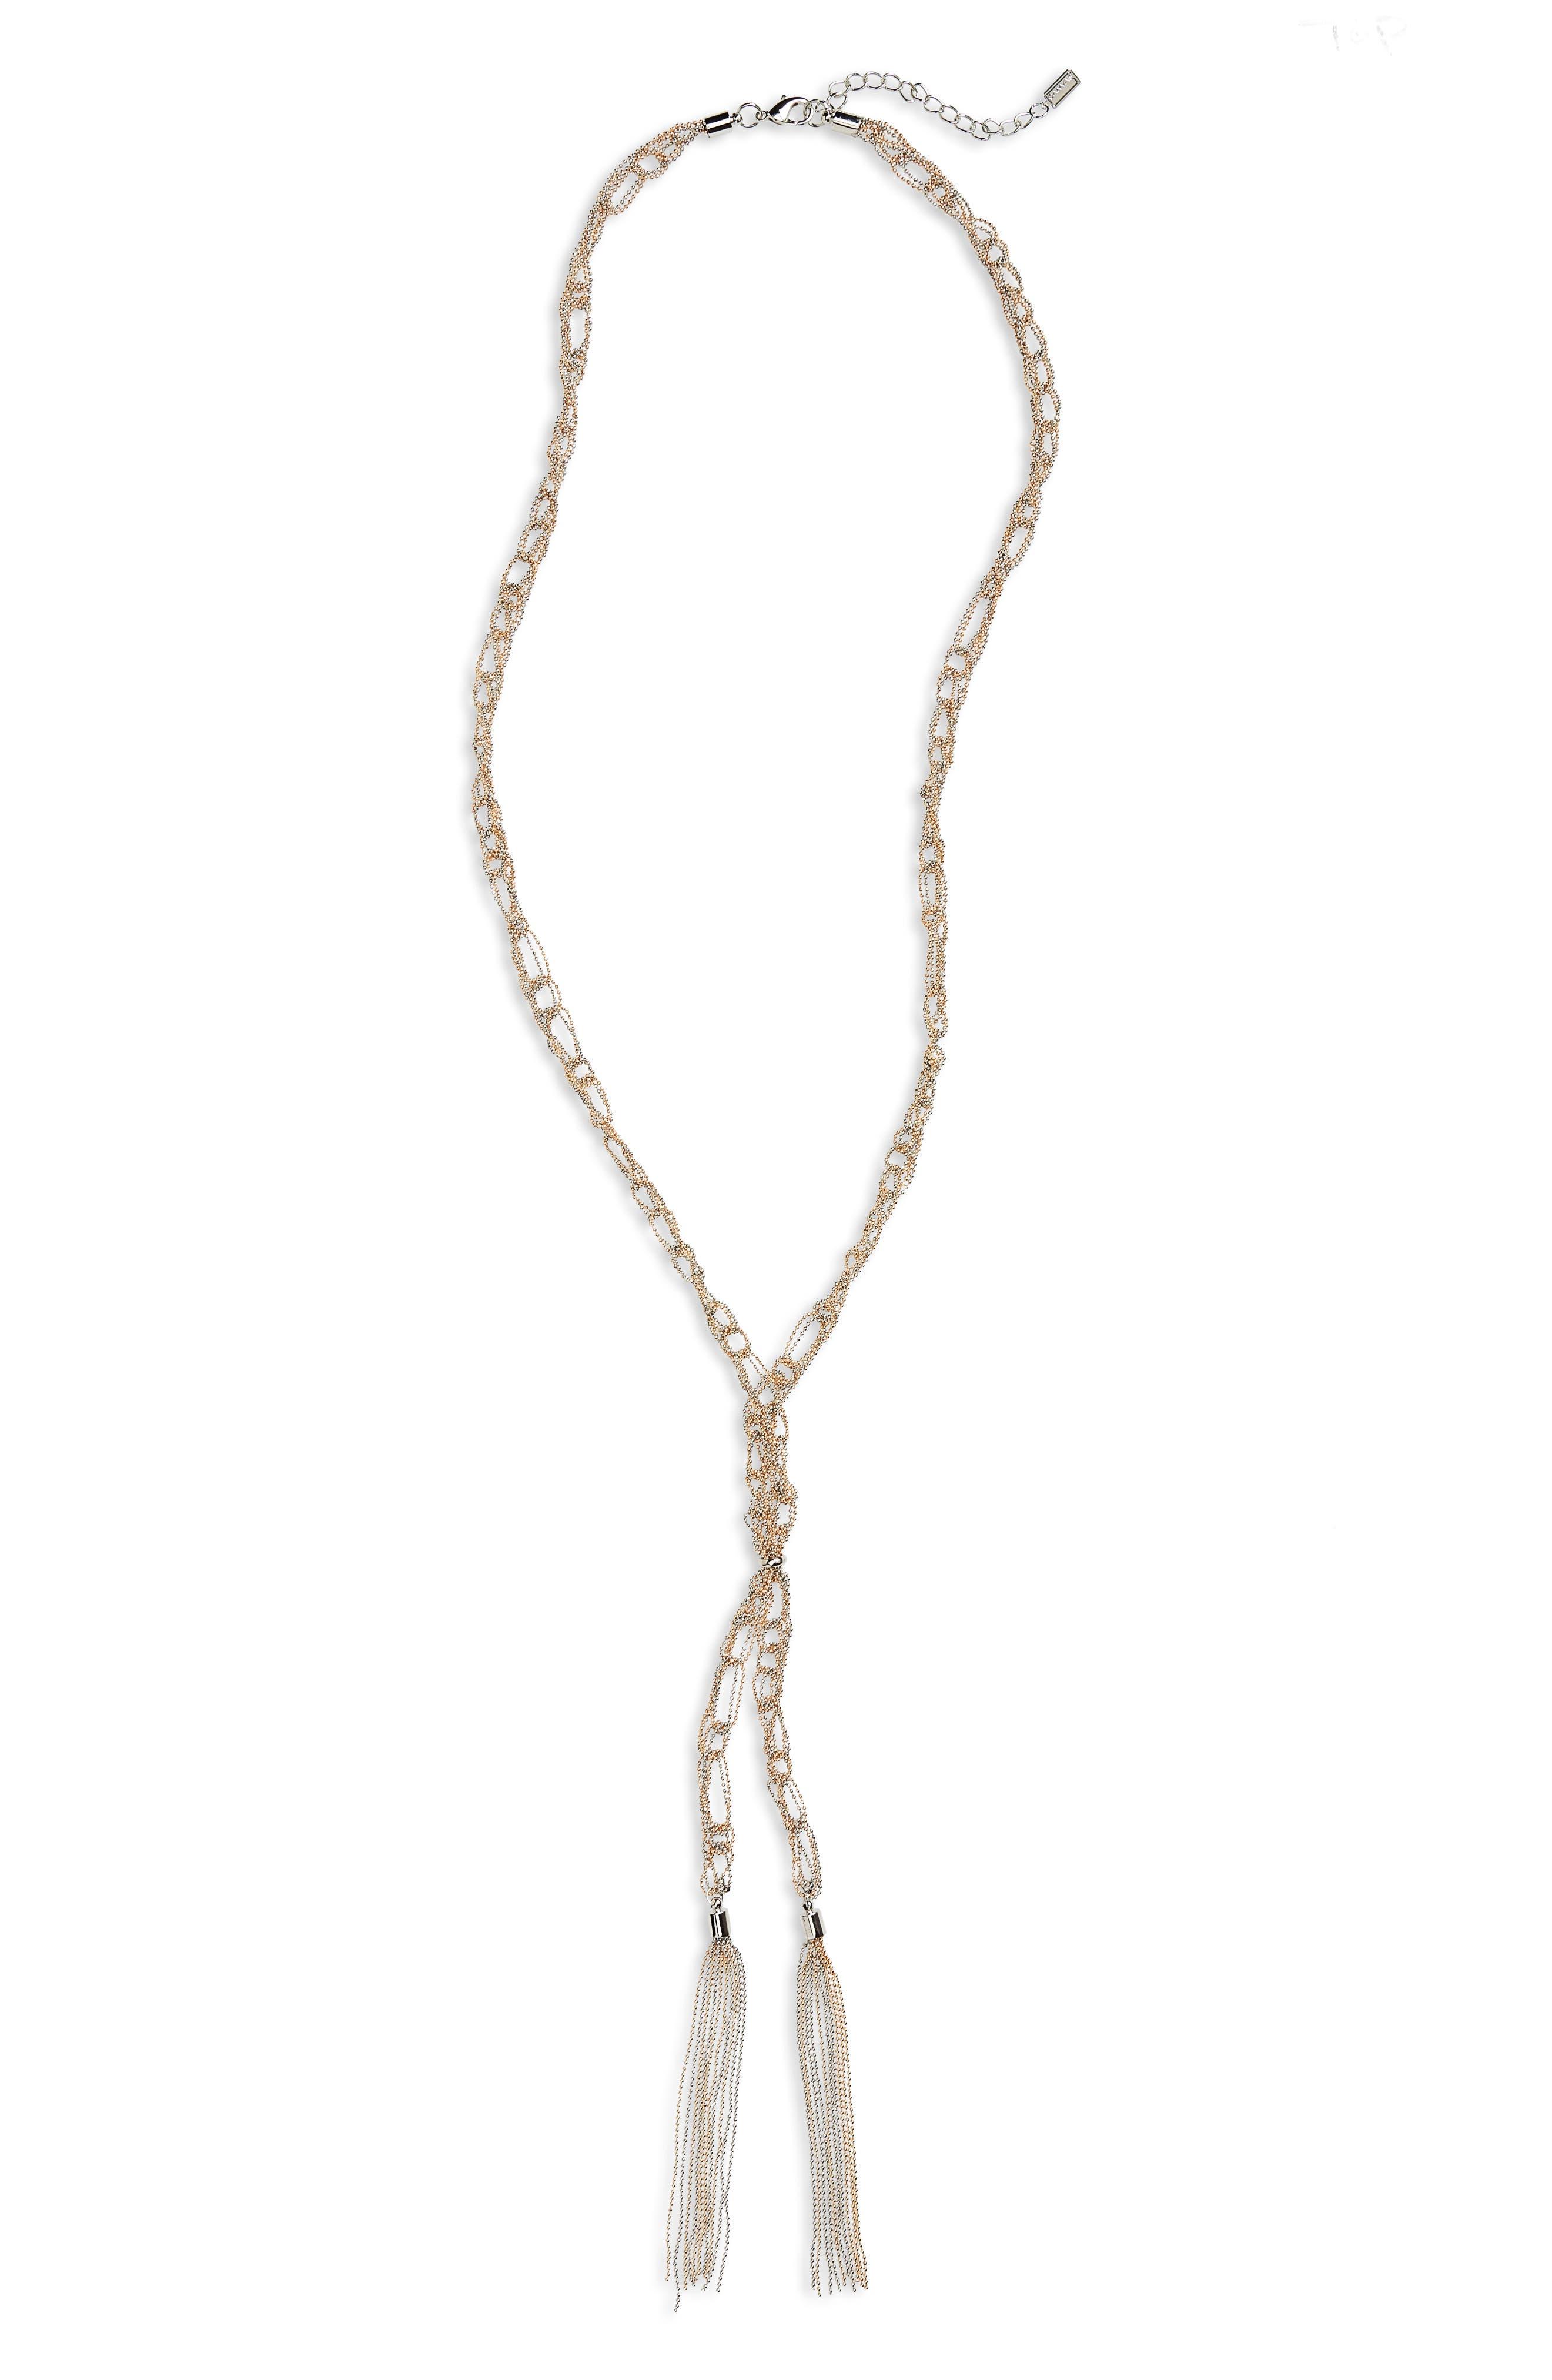 Ettika Tassel Layered Necklace in Metallic Gold HaGwM0